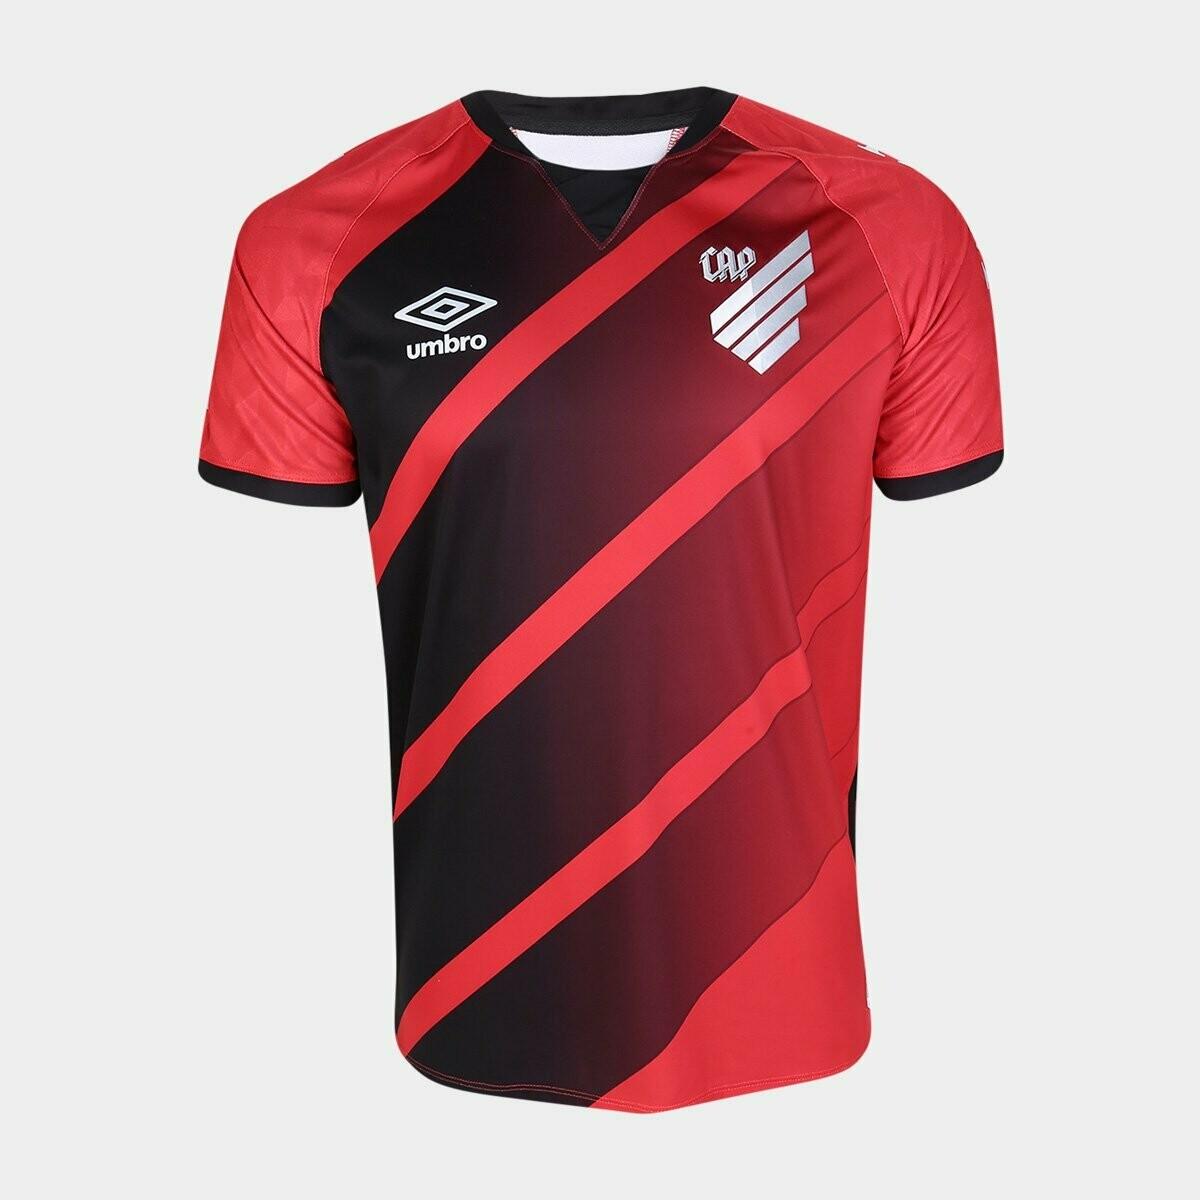 Camisa Athletico Paranaense I 20/21 Umbro Masculina - Vermelho e Prata